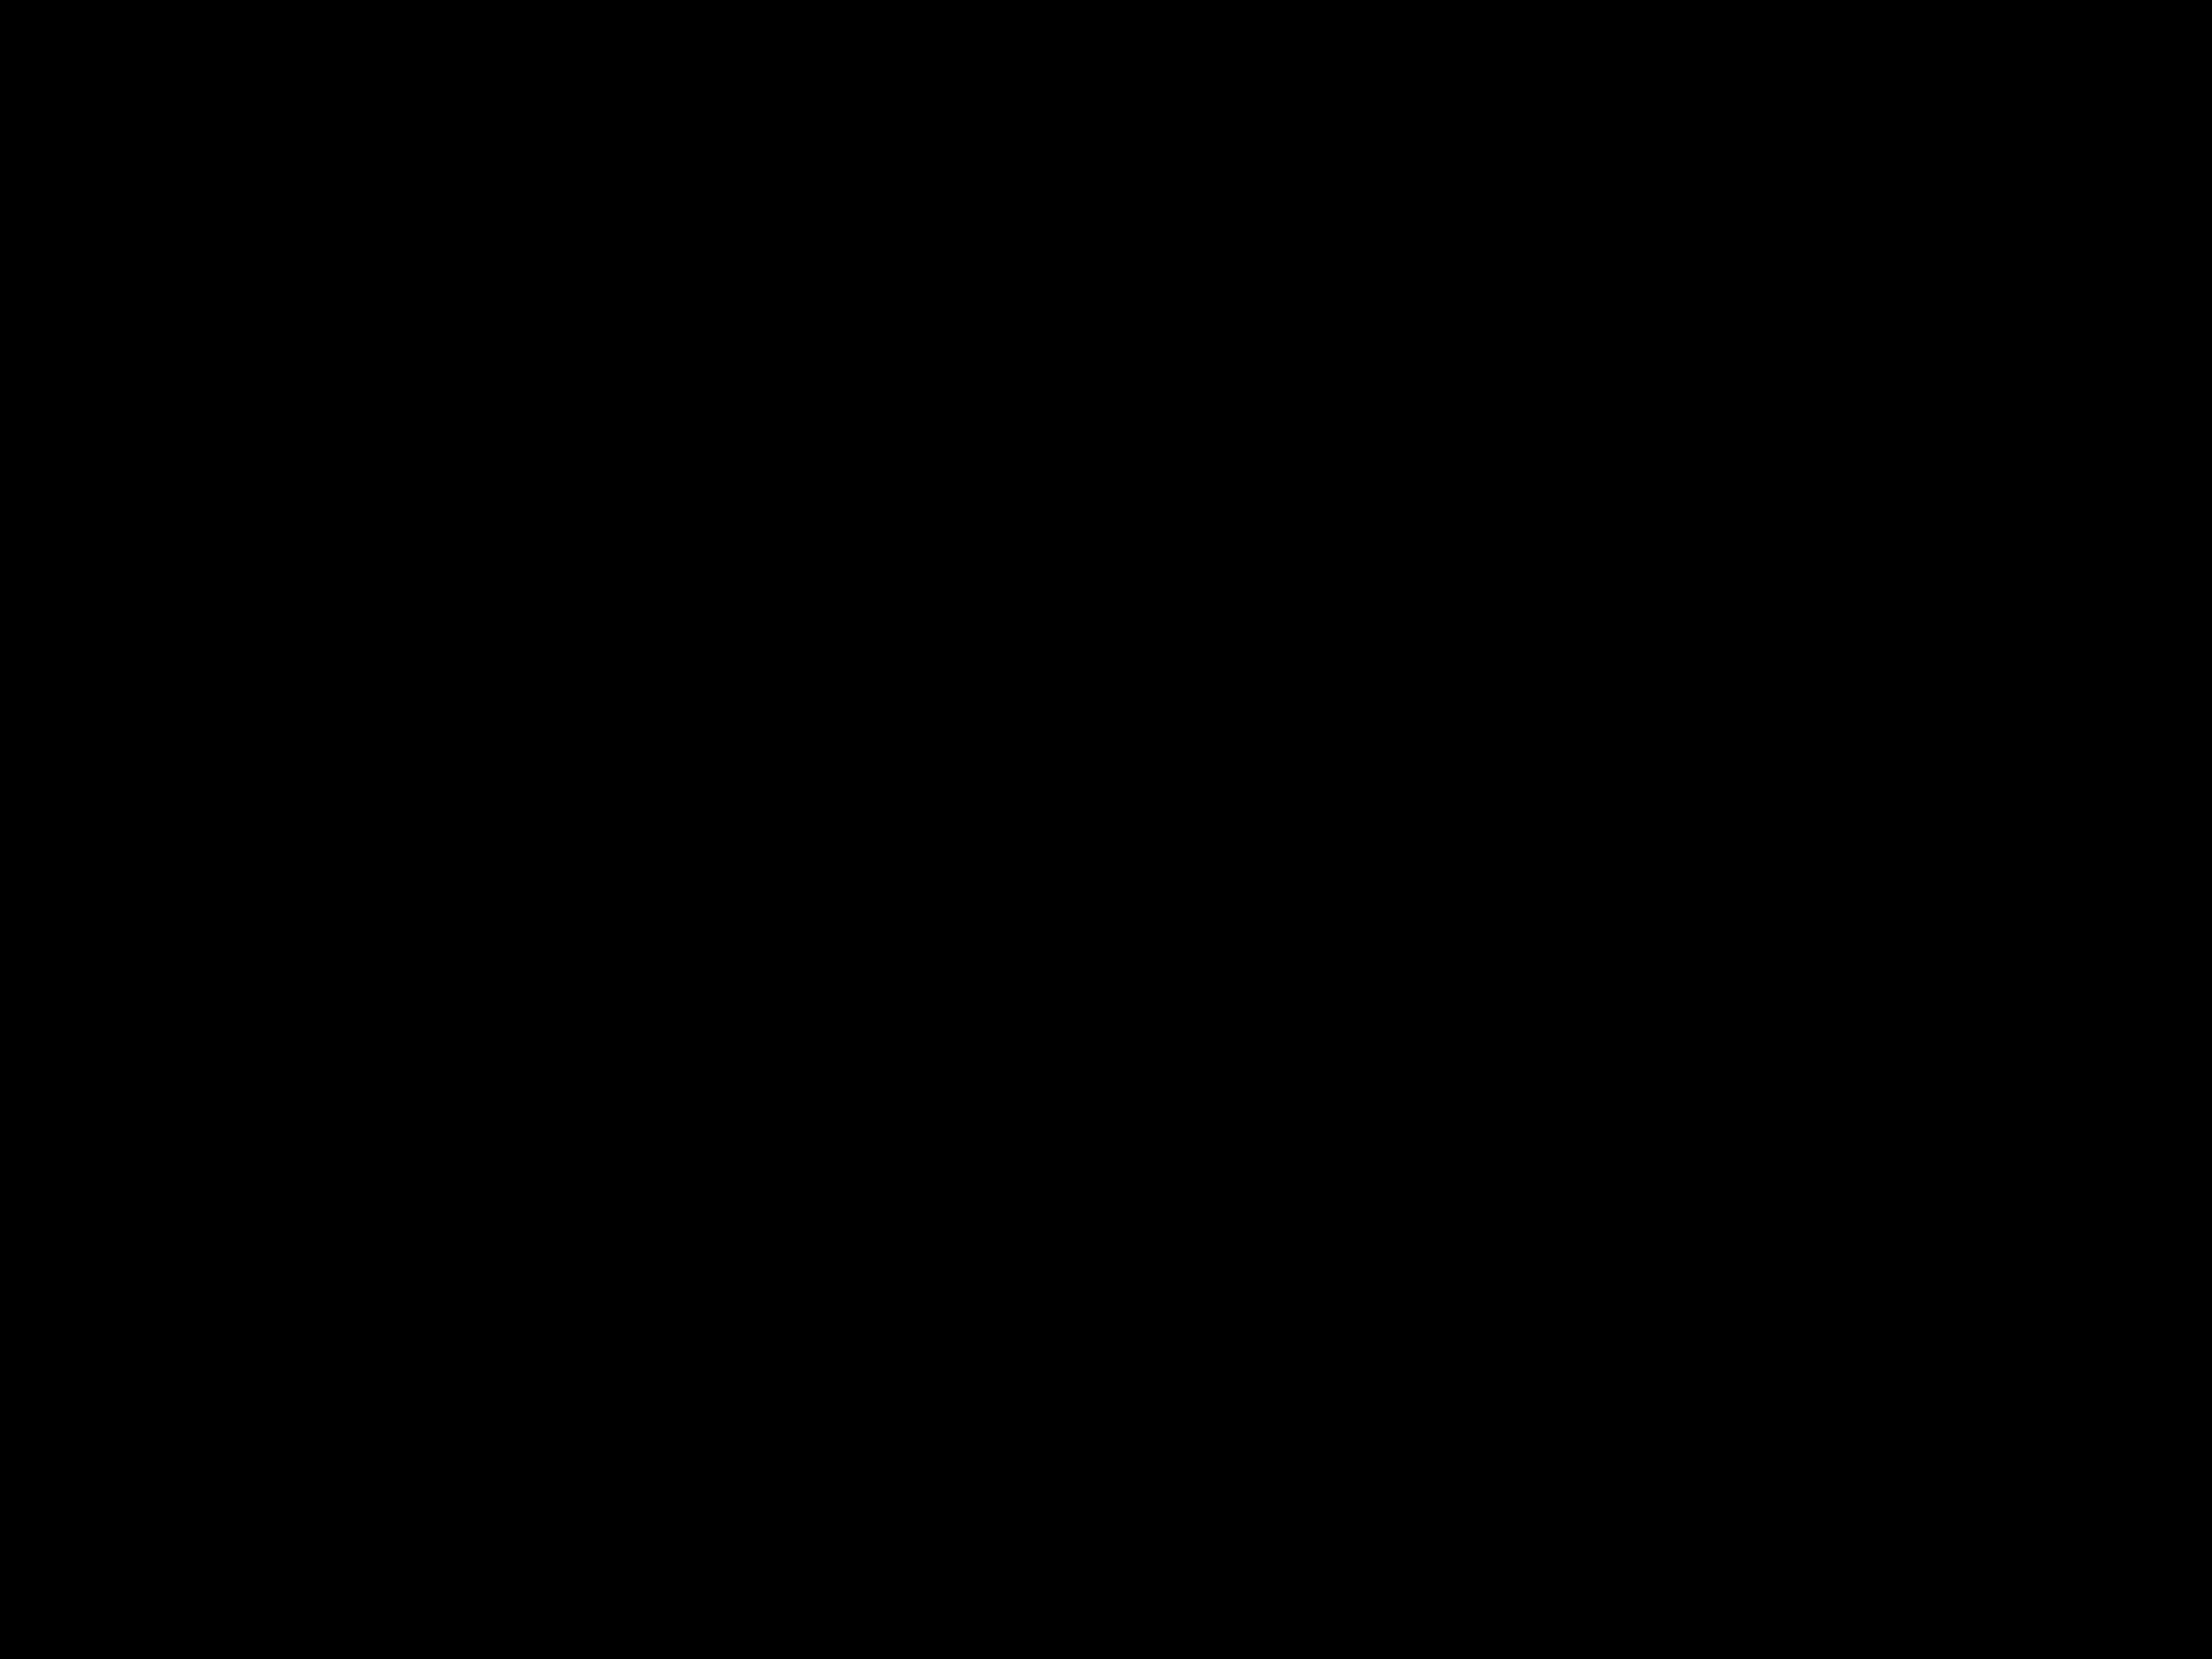 Lavage de voiture en cours